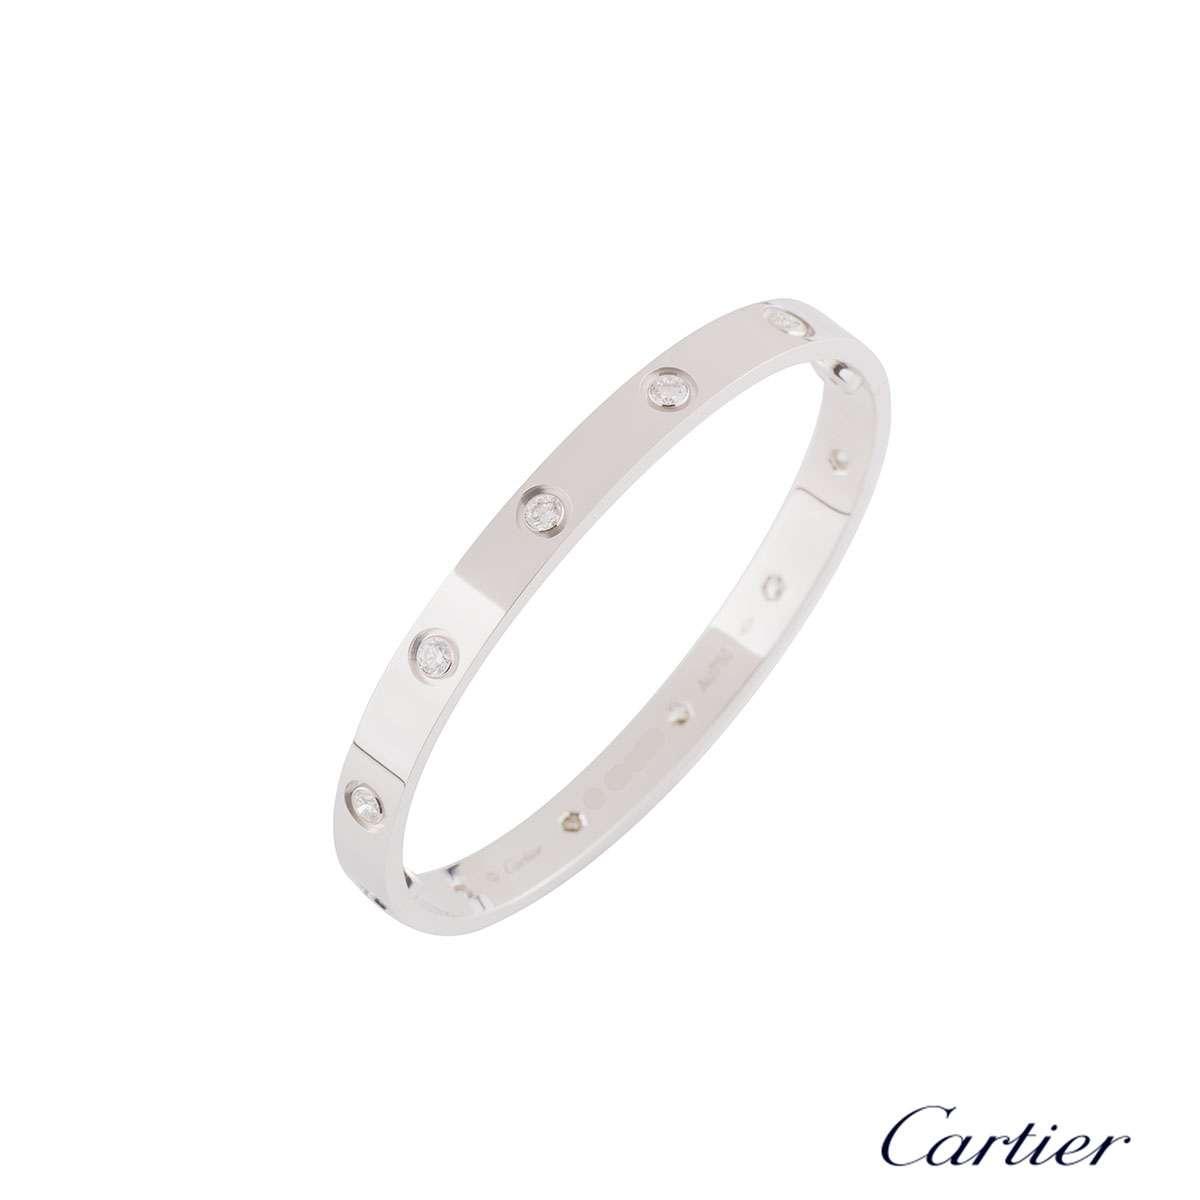 Cartier White Gold Full Diamond Love Bracelet Size 17B6040717